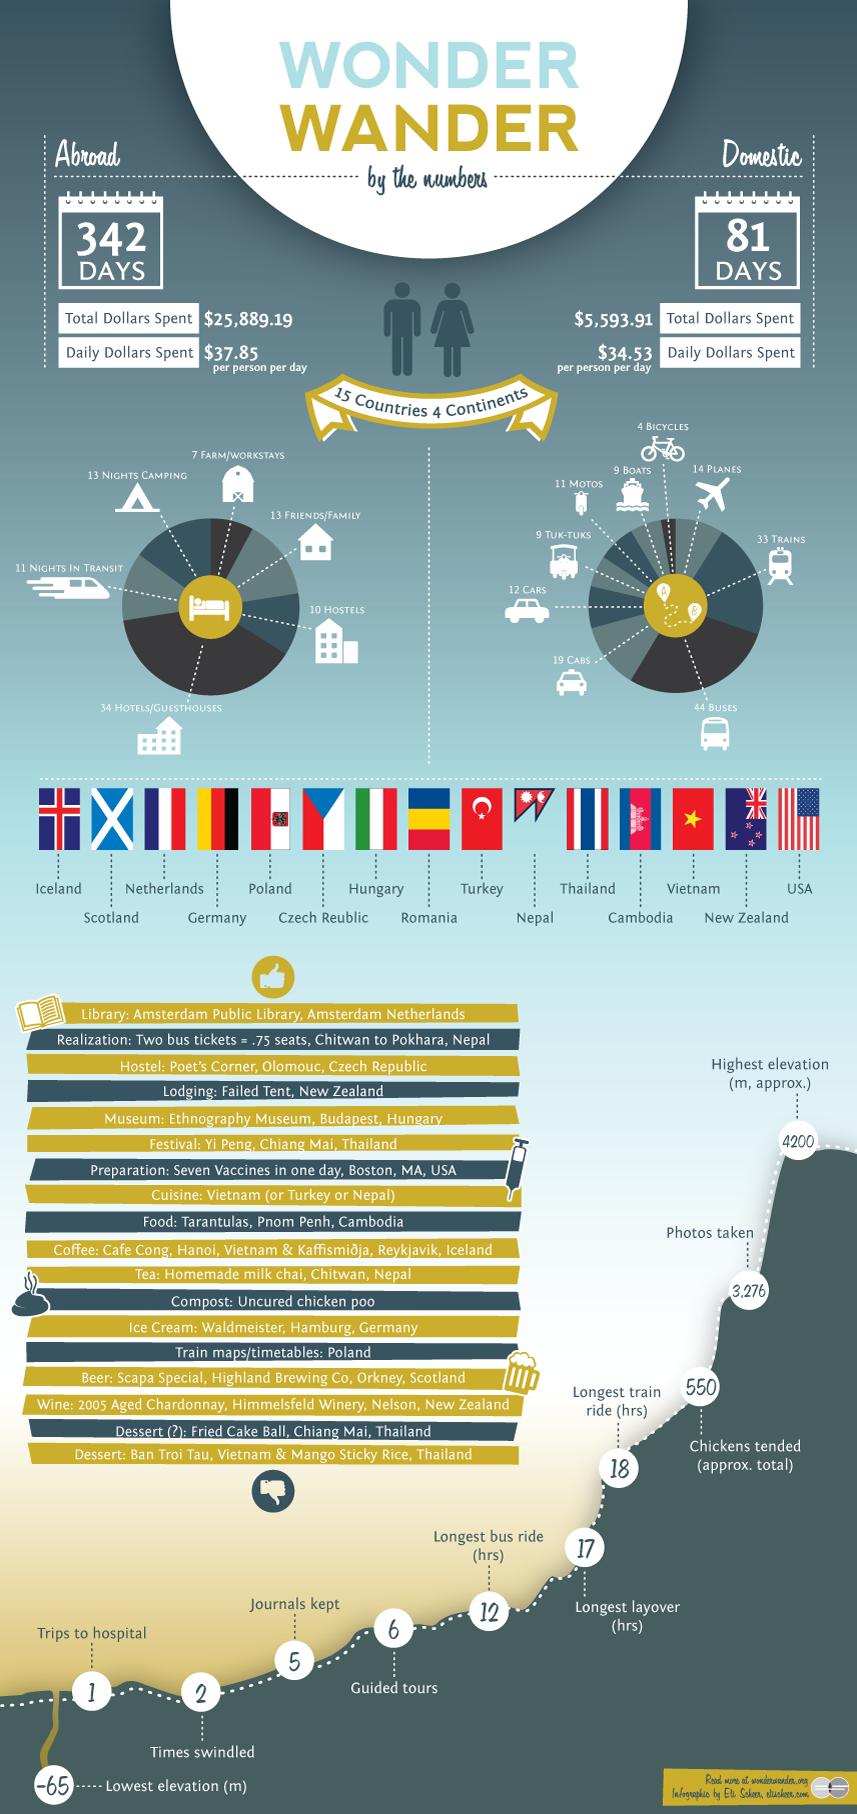 Wonder Wander Infographic